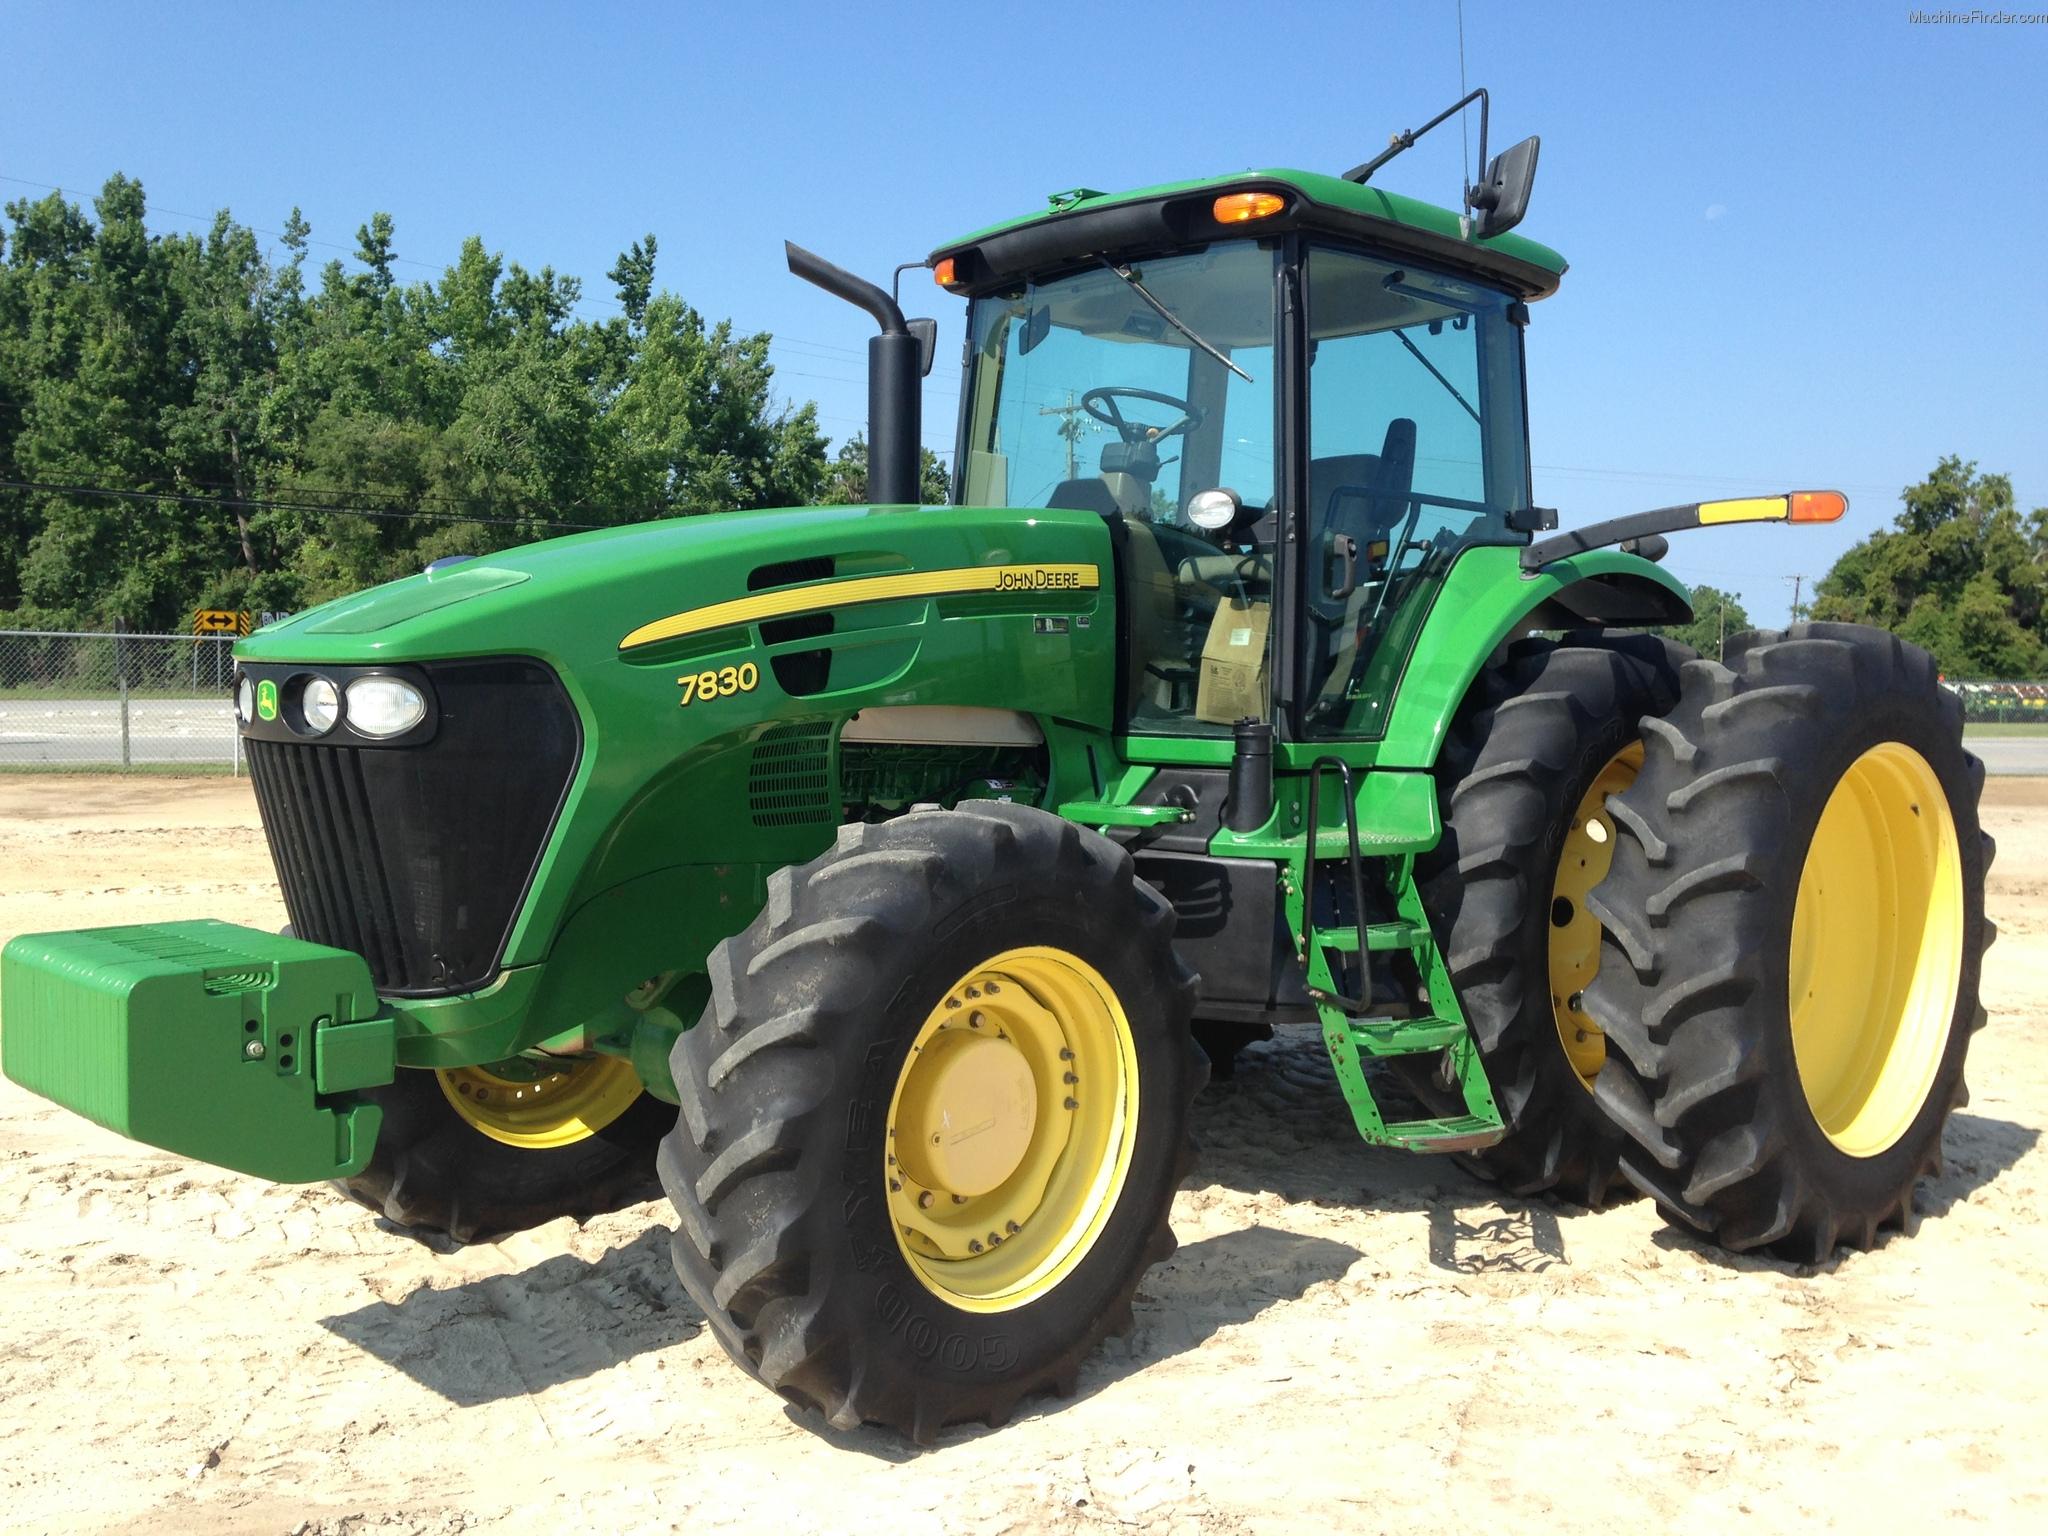 2010 John Deere 7830 Tractors - Row Crop (+100hp) - John ...